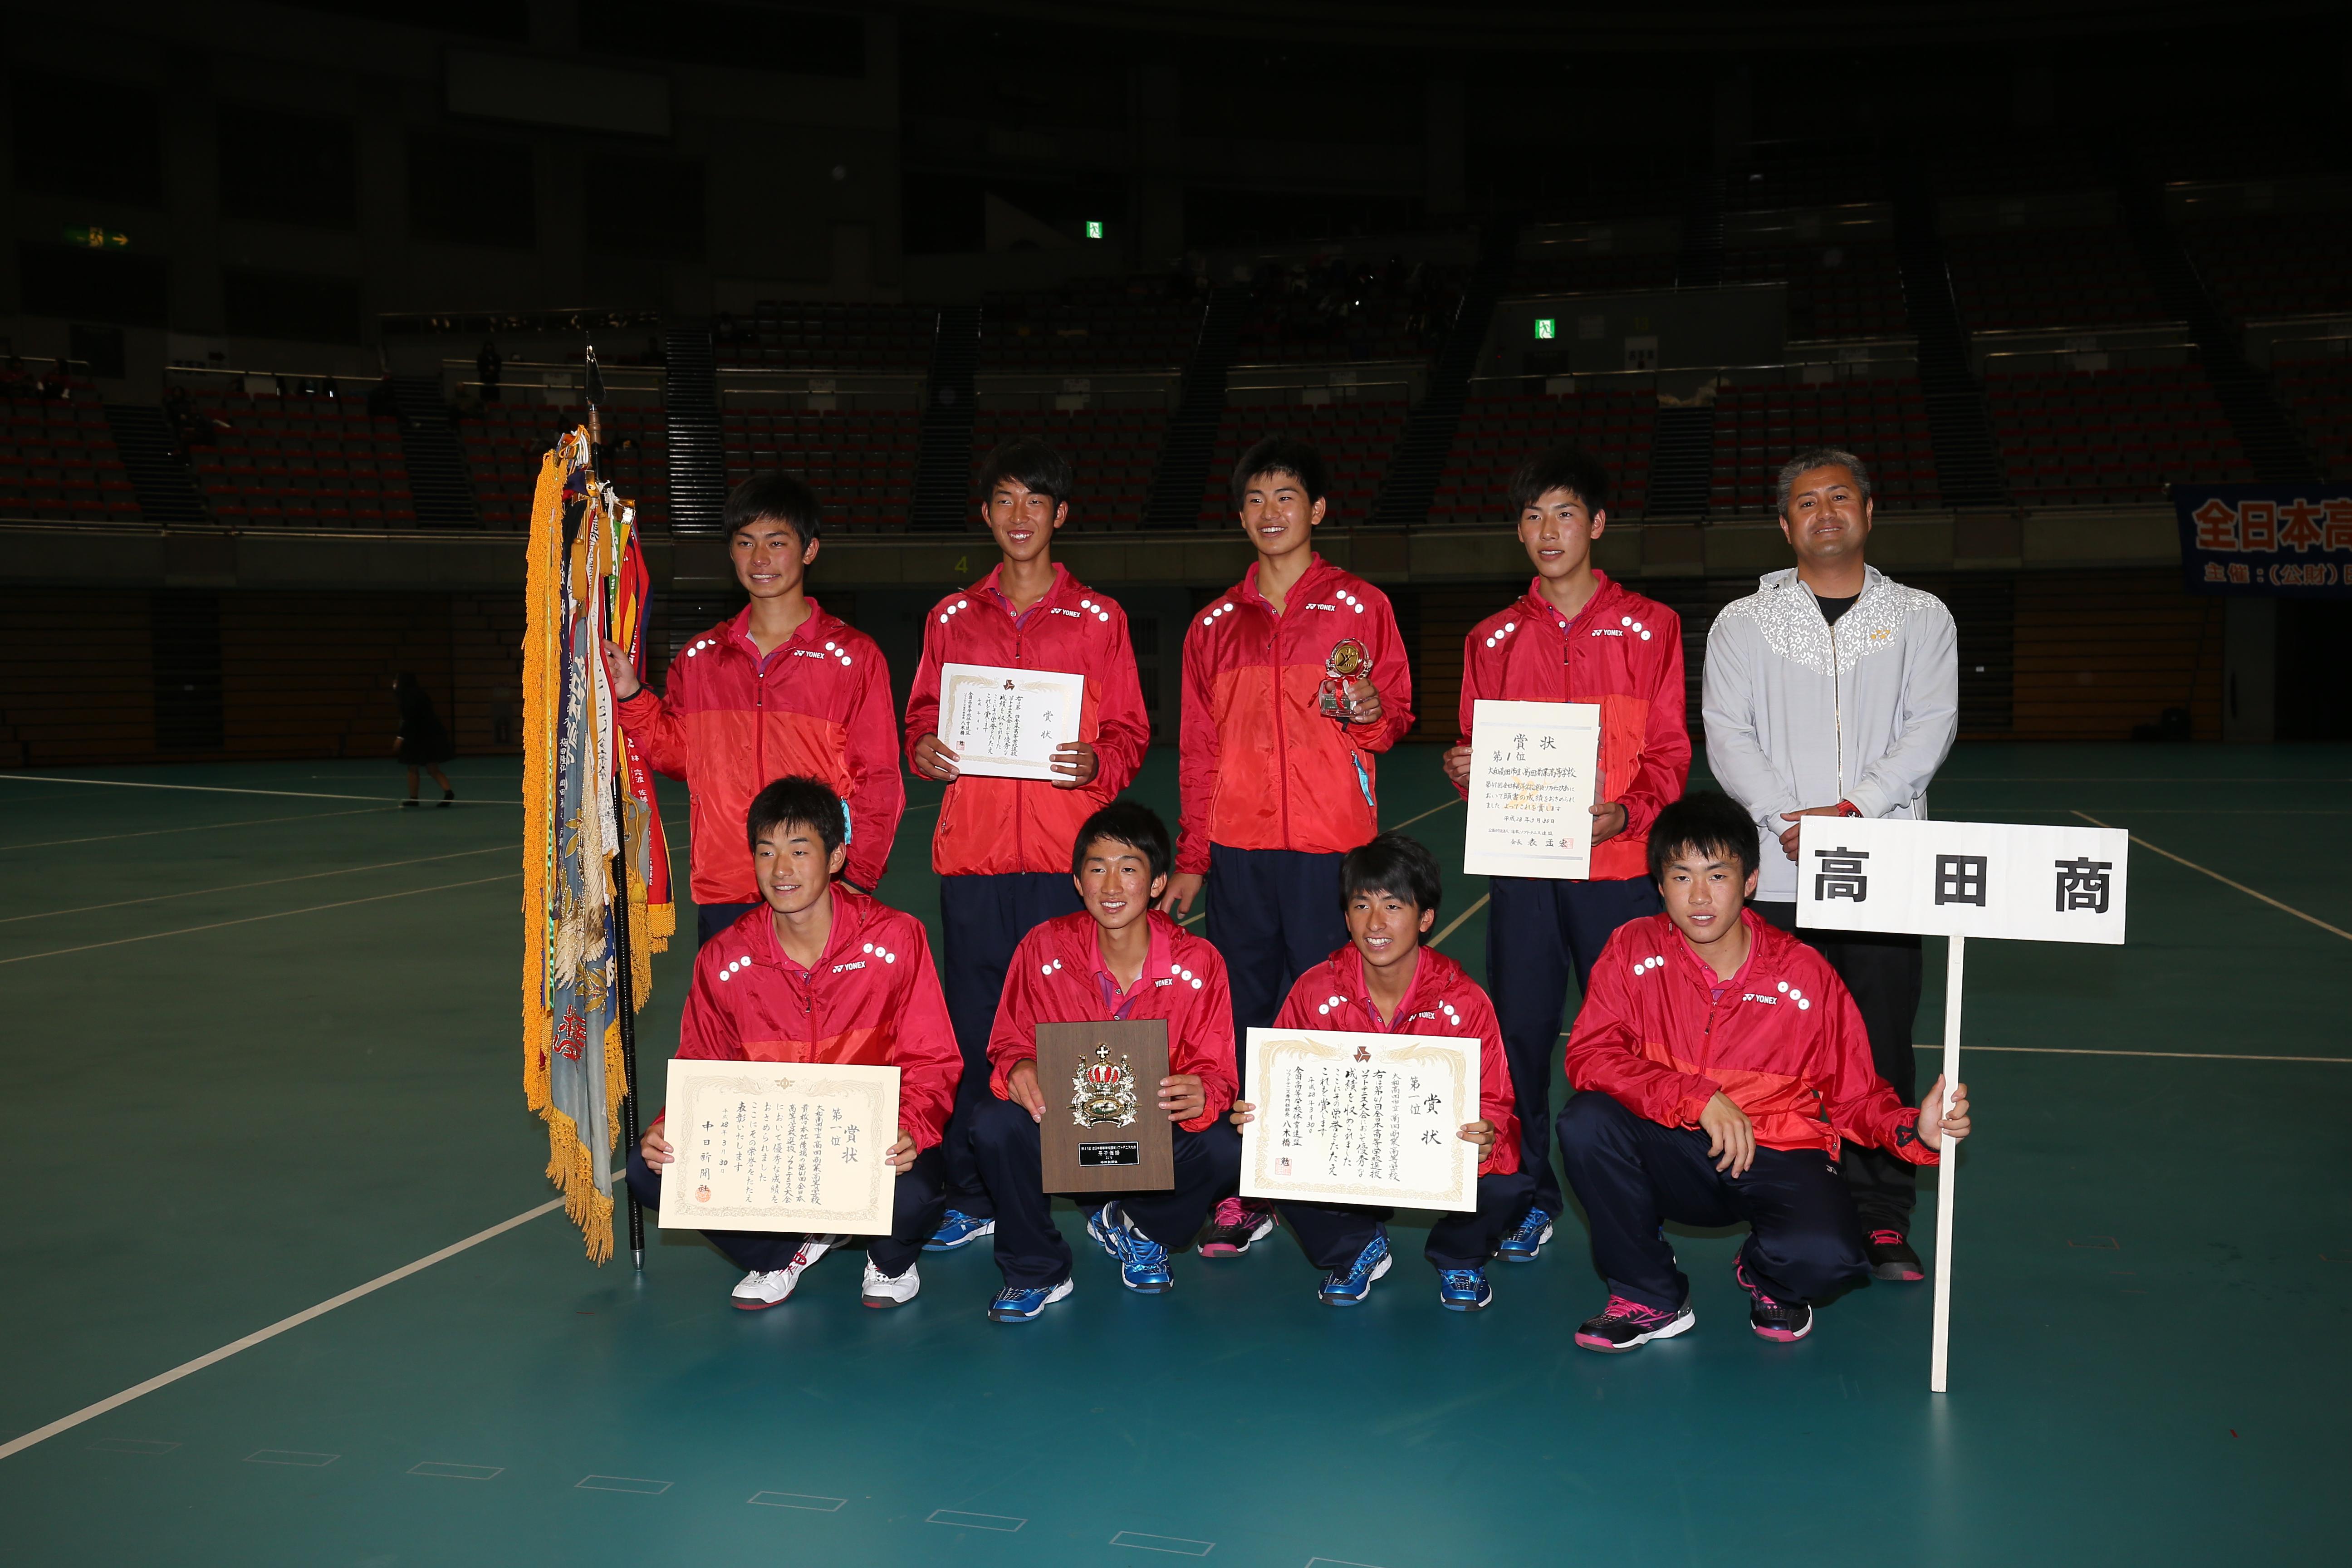 高田商業は2017選抜前の時点で、選抜10回、インターハイ19回の優勝実績